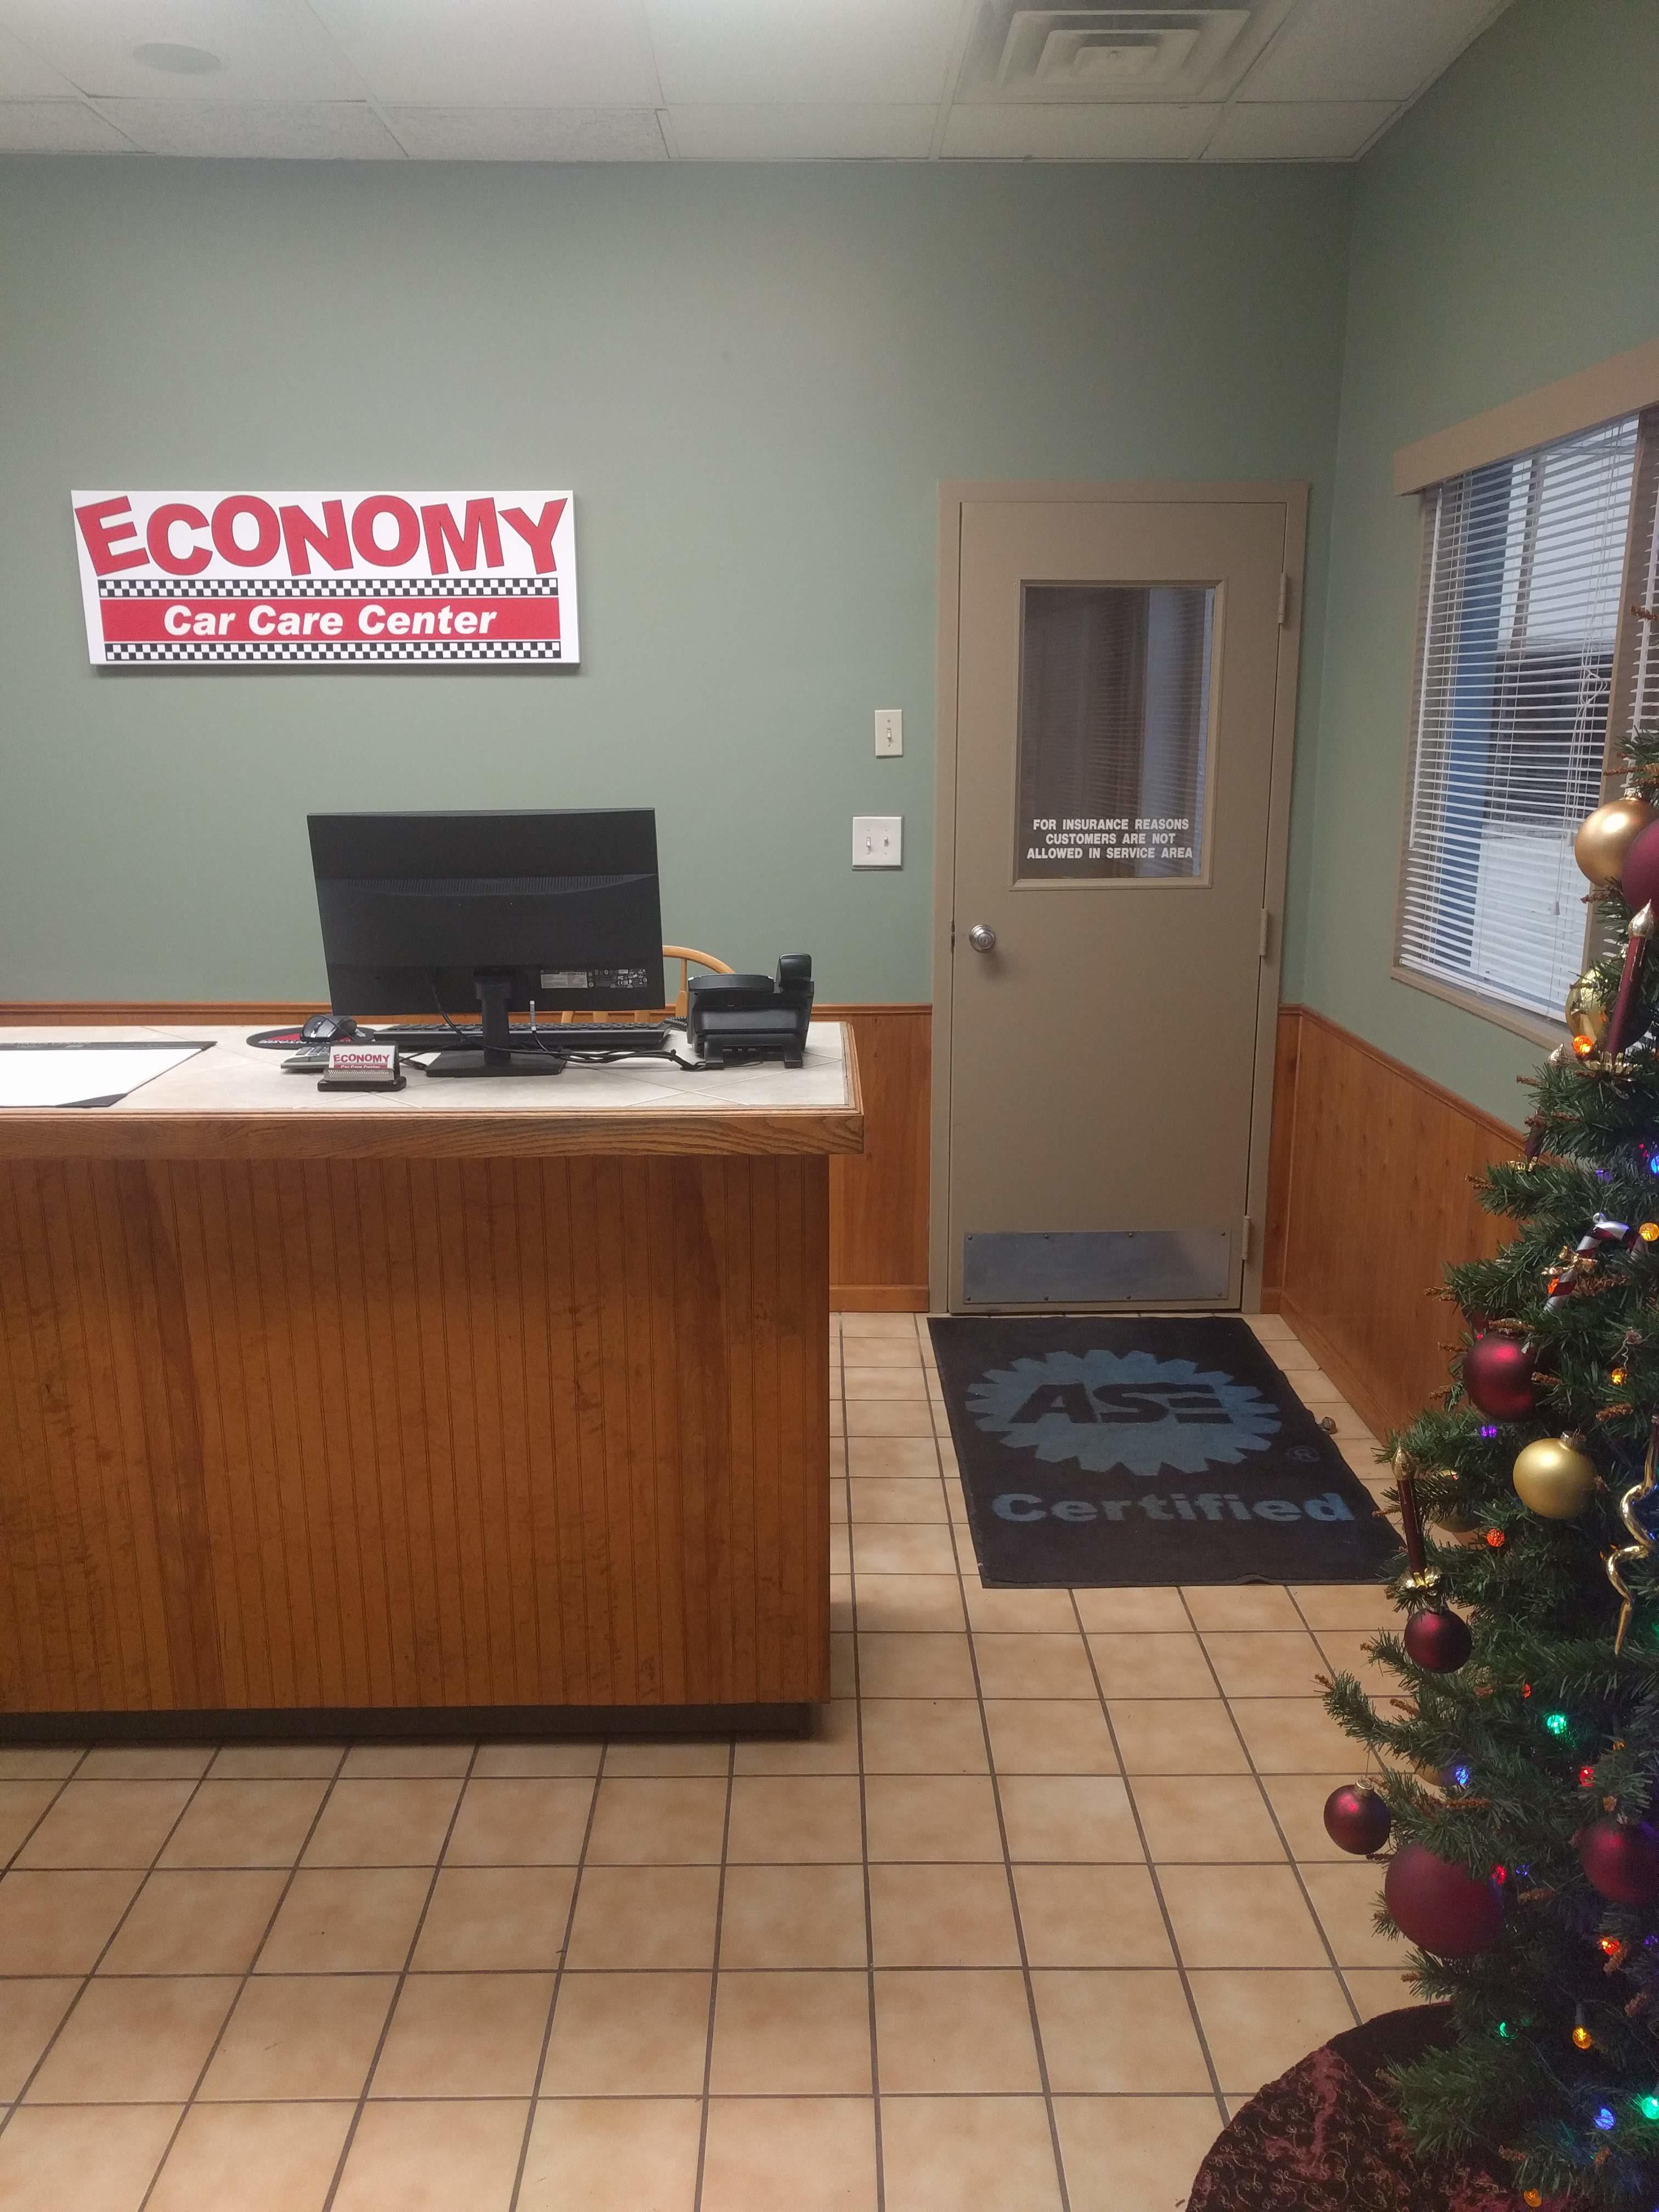 Economy Car Care Center image 7